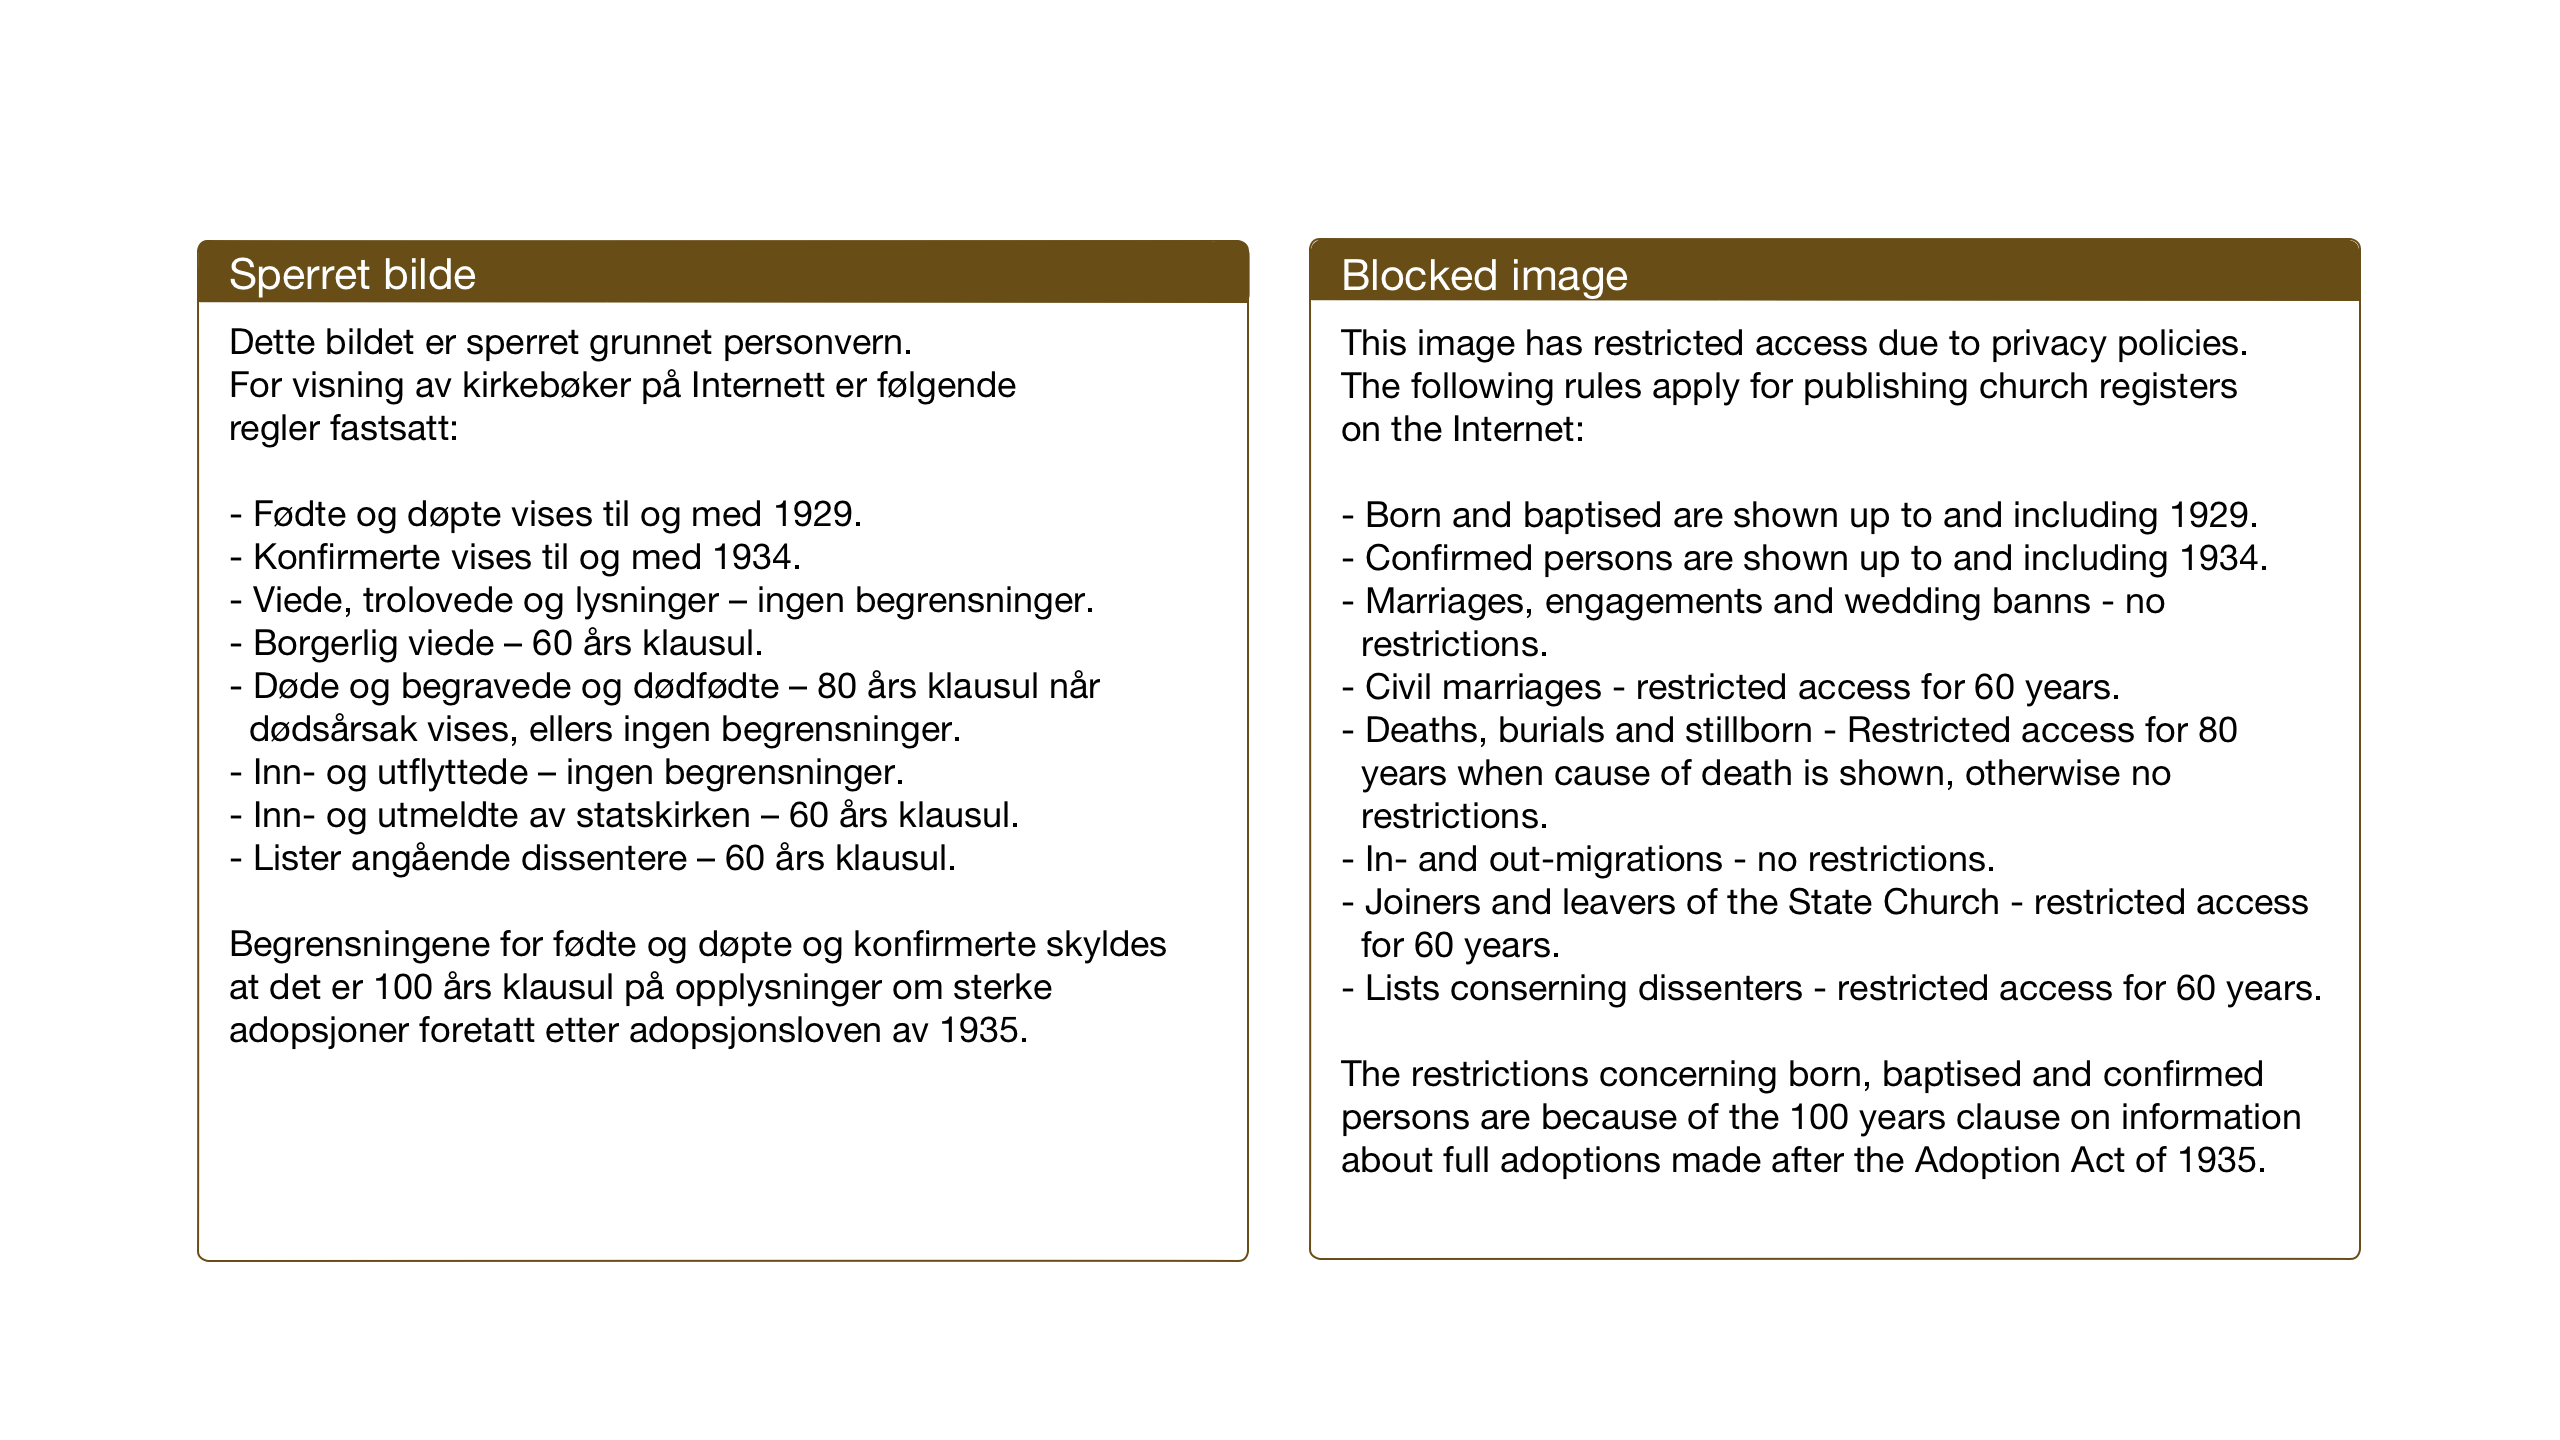 SAT, Ministerialprotokoller, klokkerbøker og fødselsregistre - Nord-Trøndelag, 741/L0403: Ministerialbok nr. 741C04, 1925-1944, s. 187